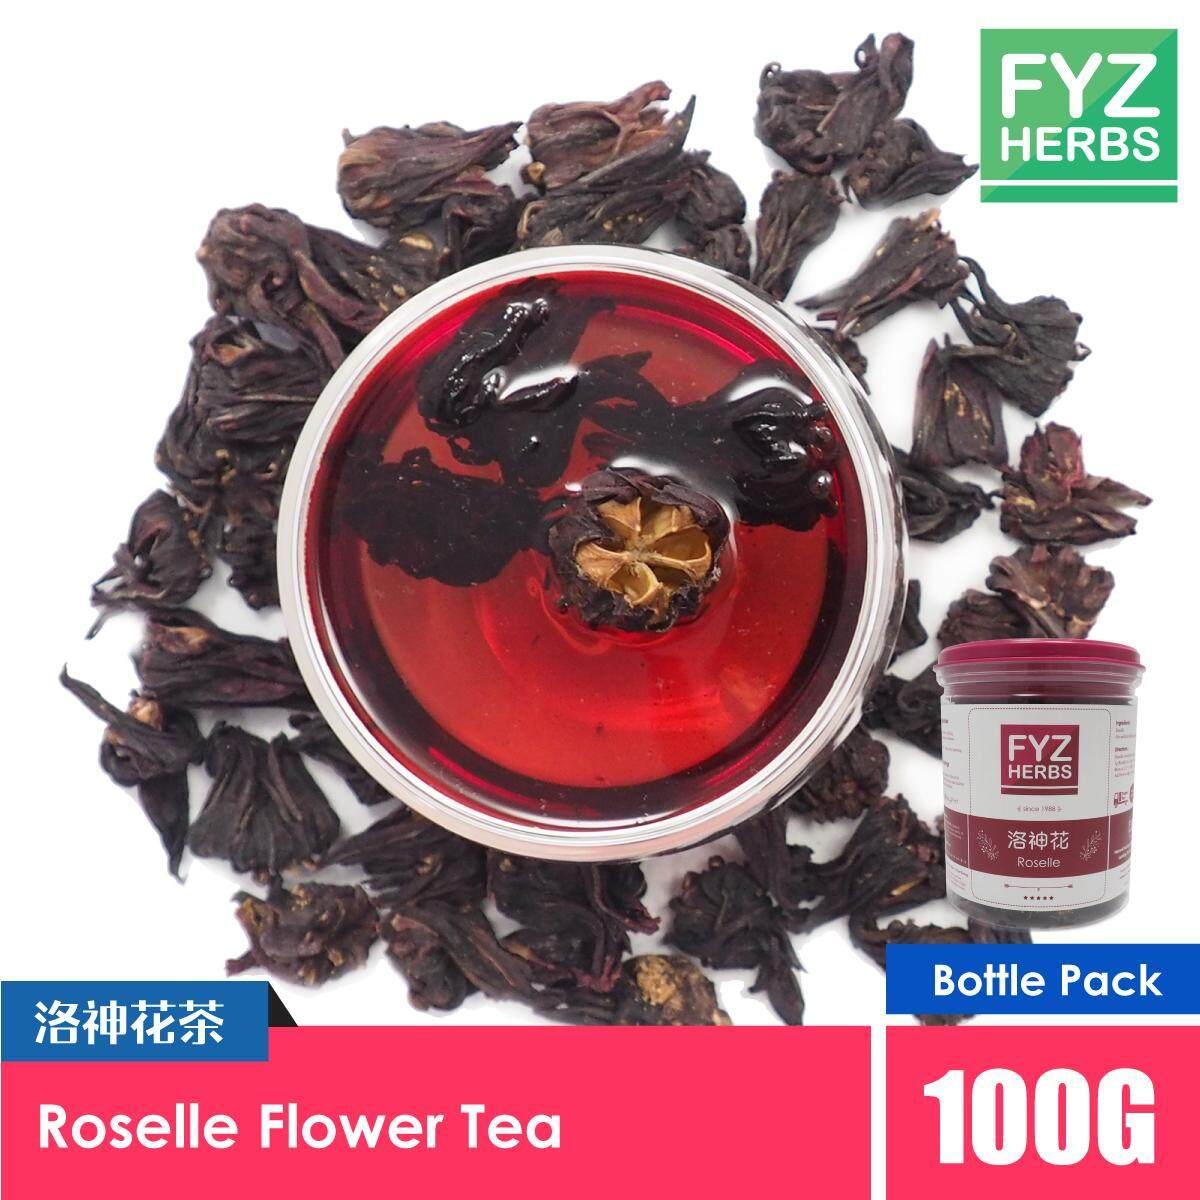 FYZ Herbs Roselle Flower Tea 100g [Bottle Pack] 洛神花茶罐装 100g